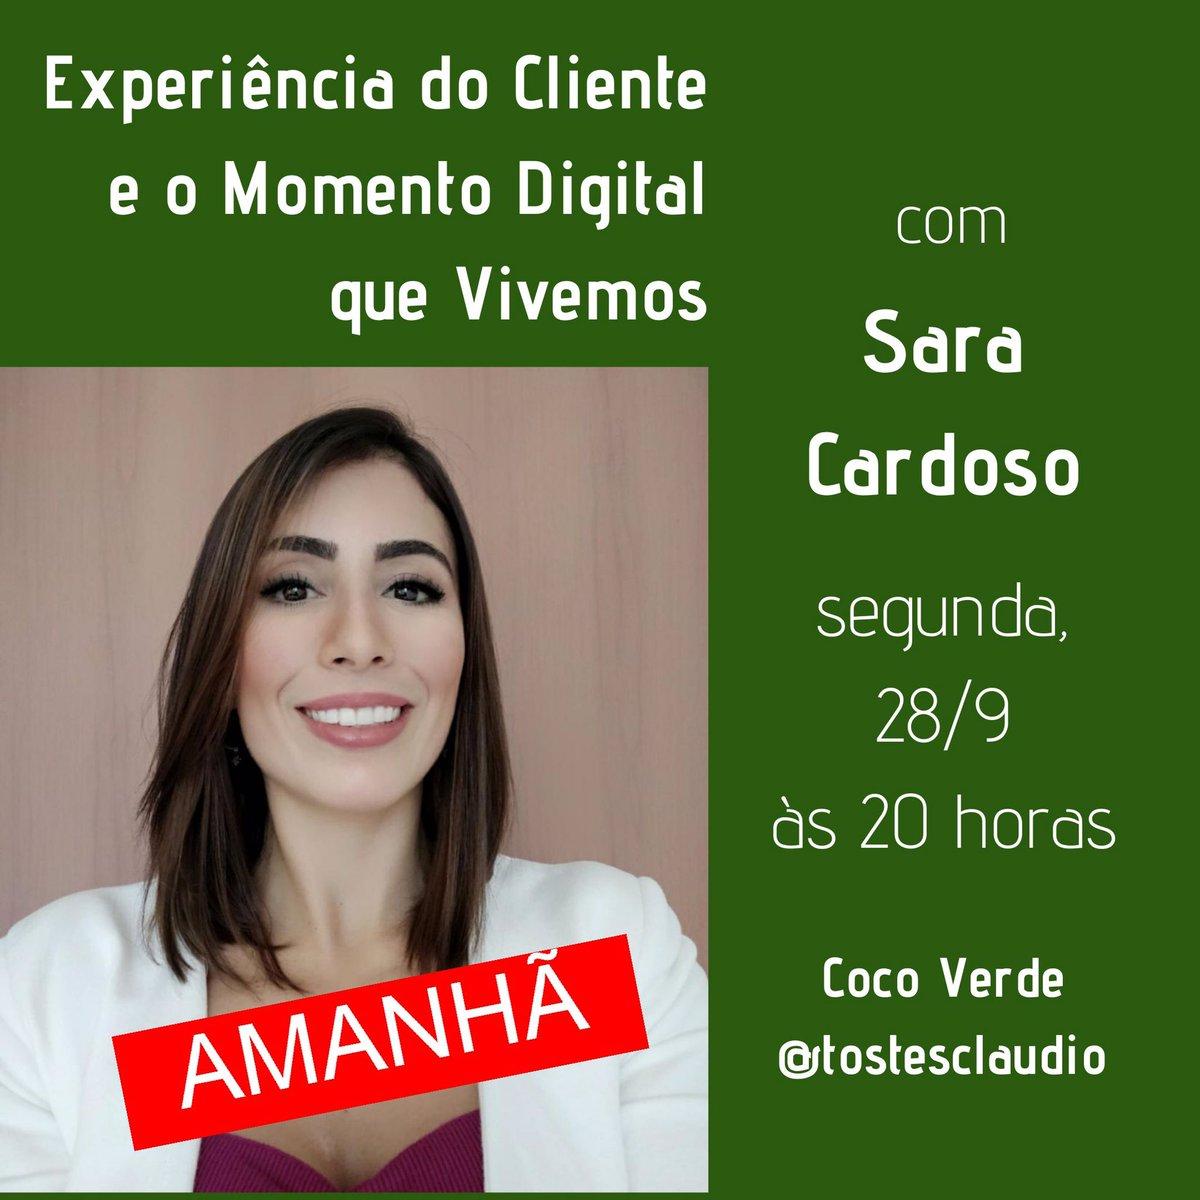 Amanhã, nossa conversa é com Sara Cardoso, profissional de marketing e especialista em Experiência do Cliente. Ela vai nos contar o que pensa sobre o momento digital que vivemos e desvendar os mistérios sobre multicanal e omnichannel. Vai ser dia 28, às 20h, no meu Instagram. https://t.co/71MVSY9u6K